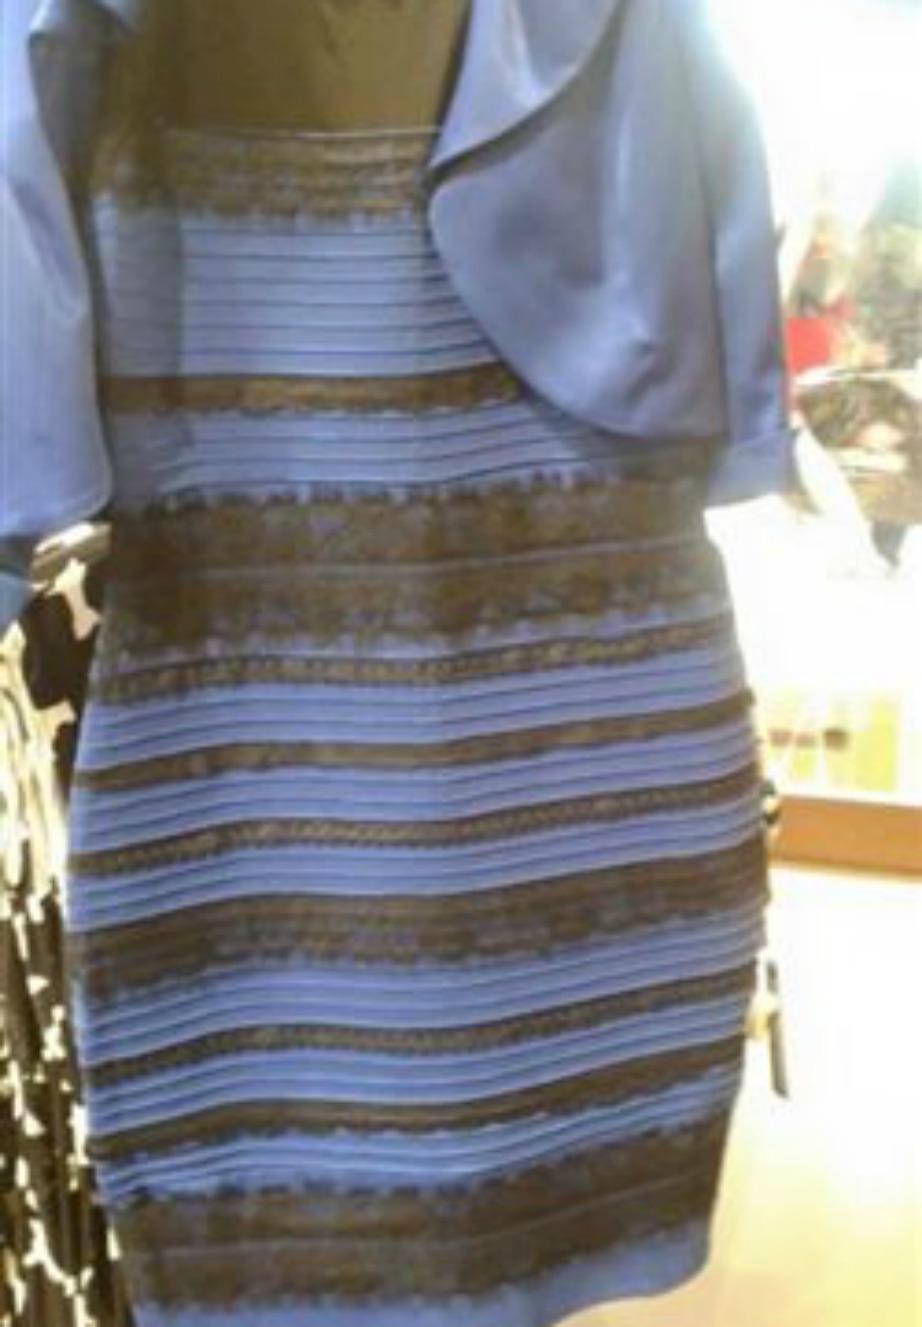 Αυτό είναι το φόρεμα που δίχασε όλο τον κόσμο. Εσείς τελικά τι χρώμα το βλέπετε;